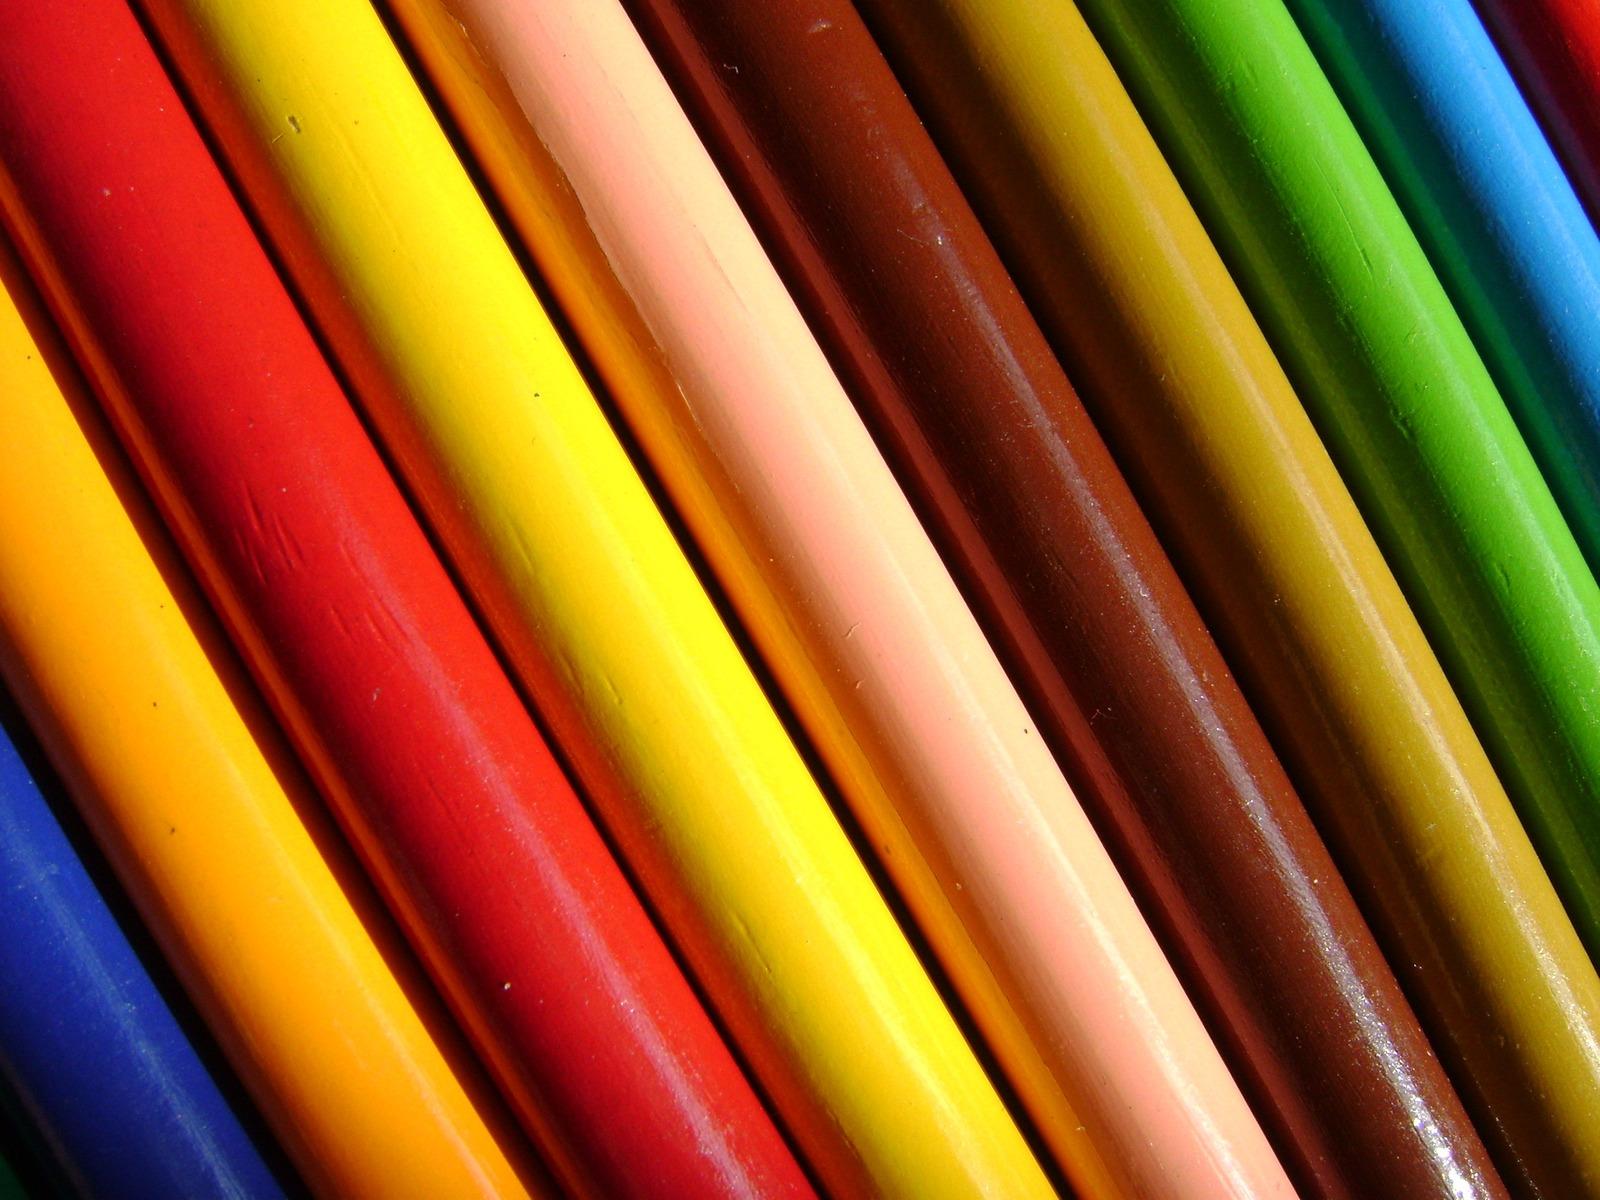 download wallpaper: kleurpotloden closeup wallpaper